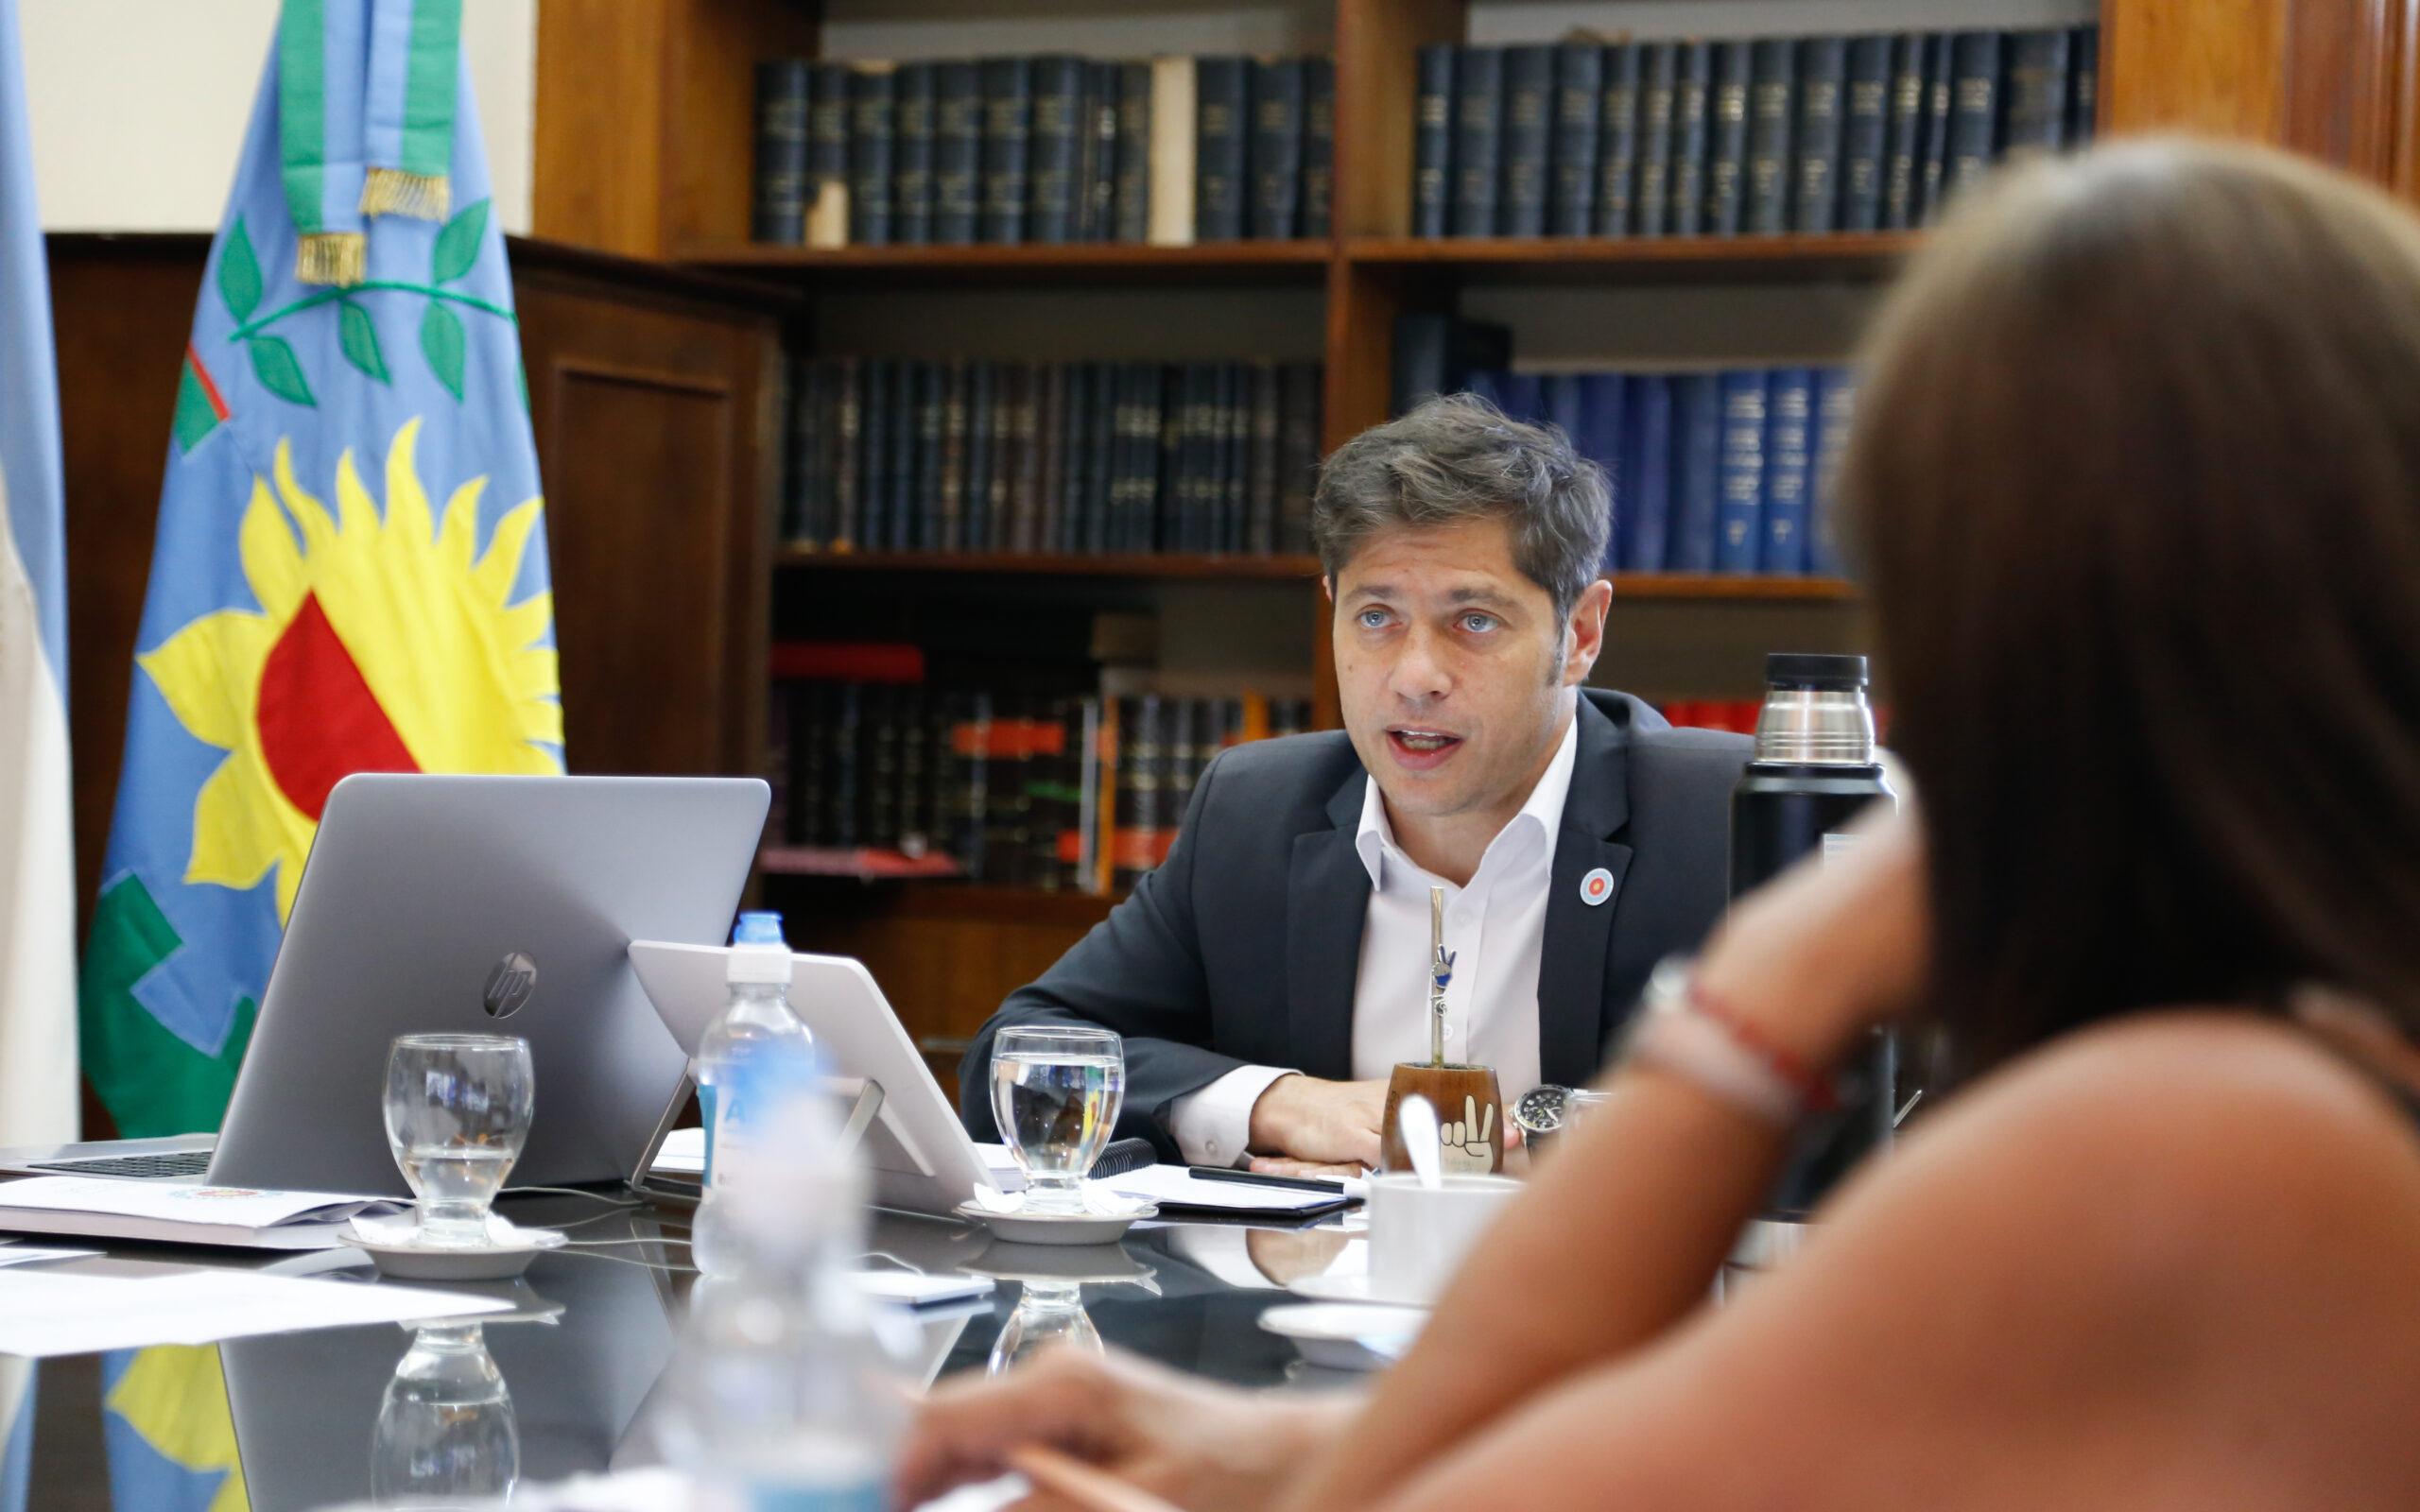 Kicillof evaluó la situación epidemiológica de la Provincia